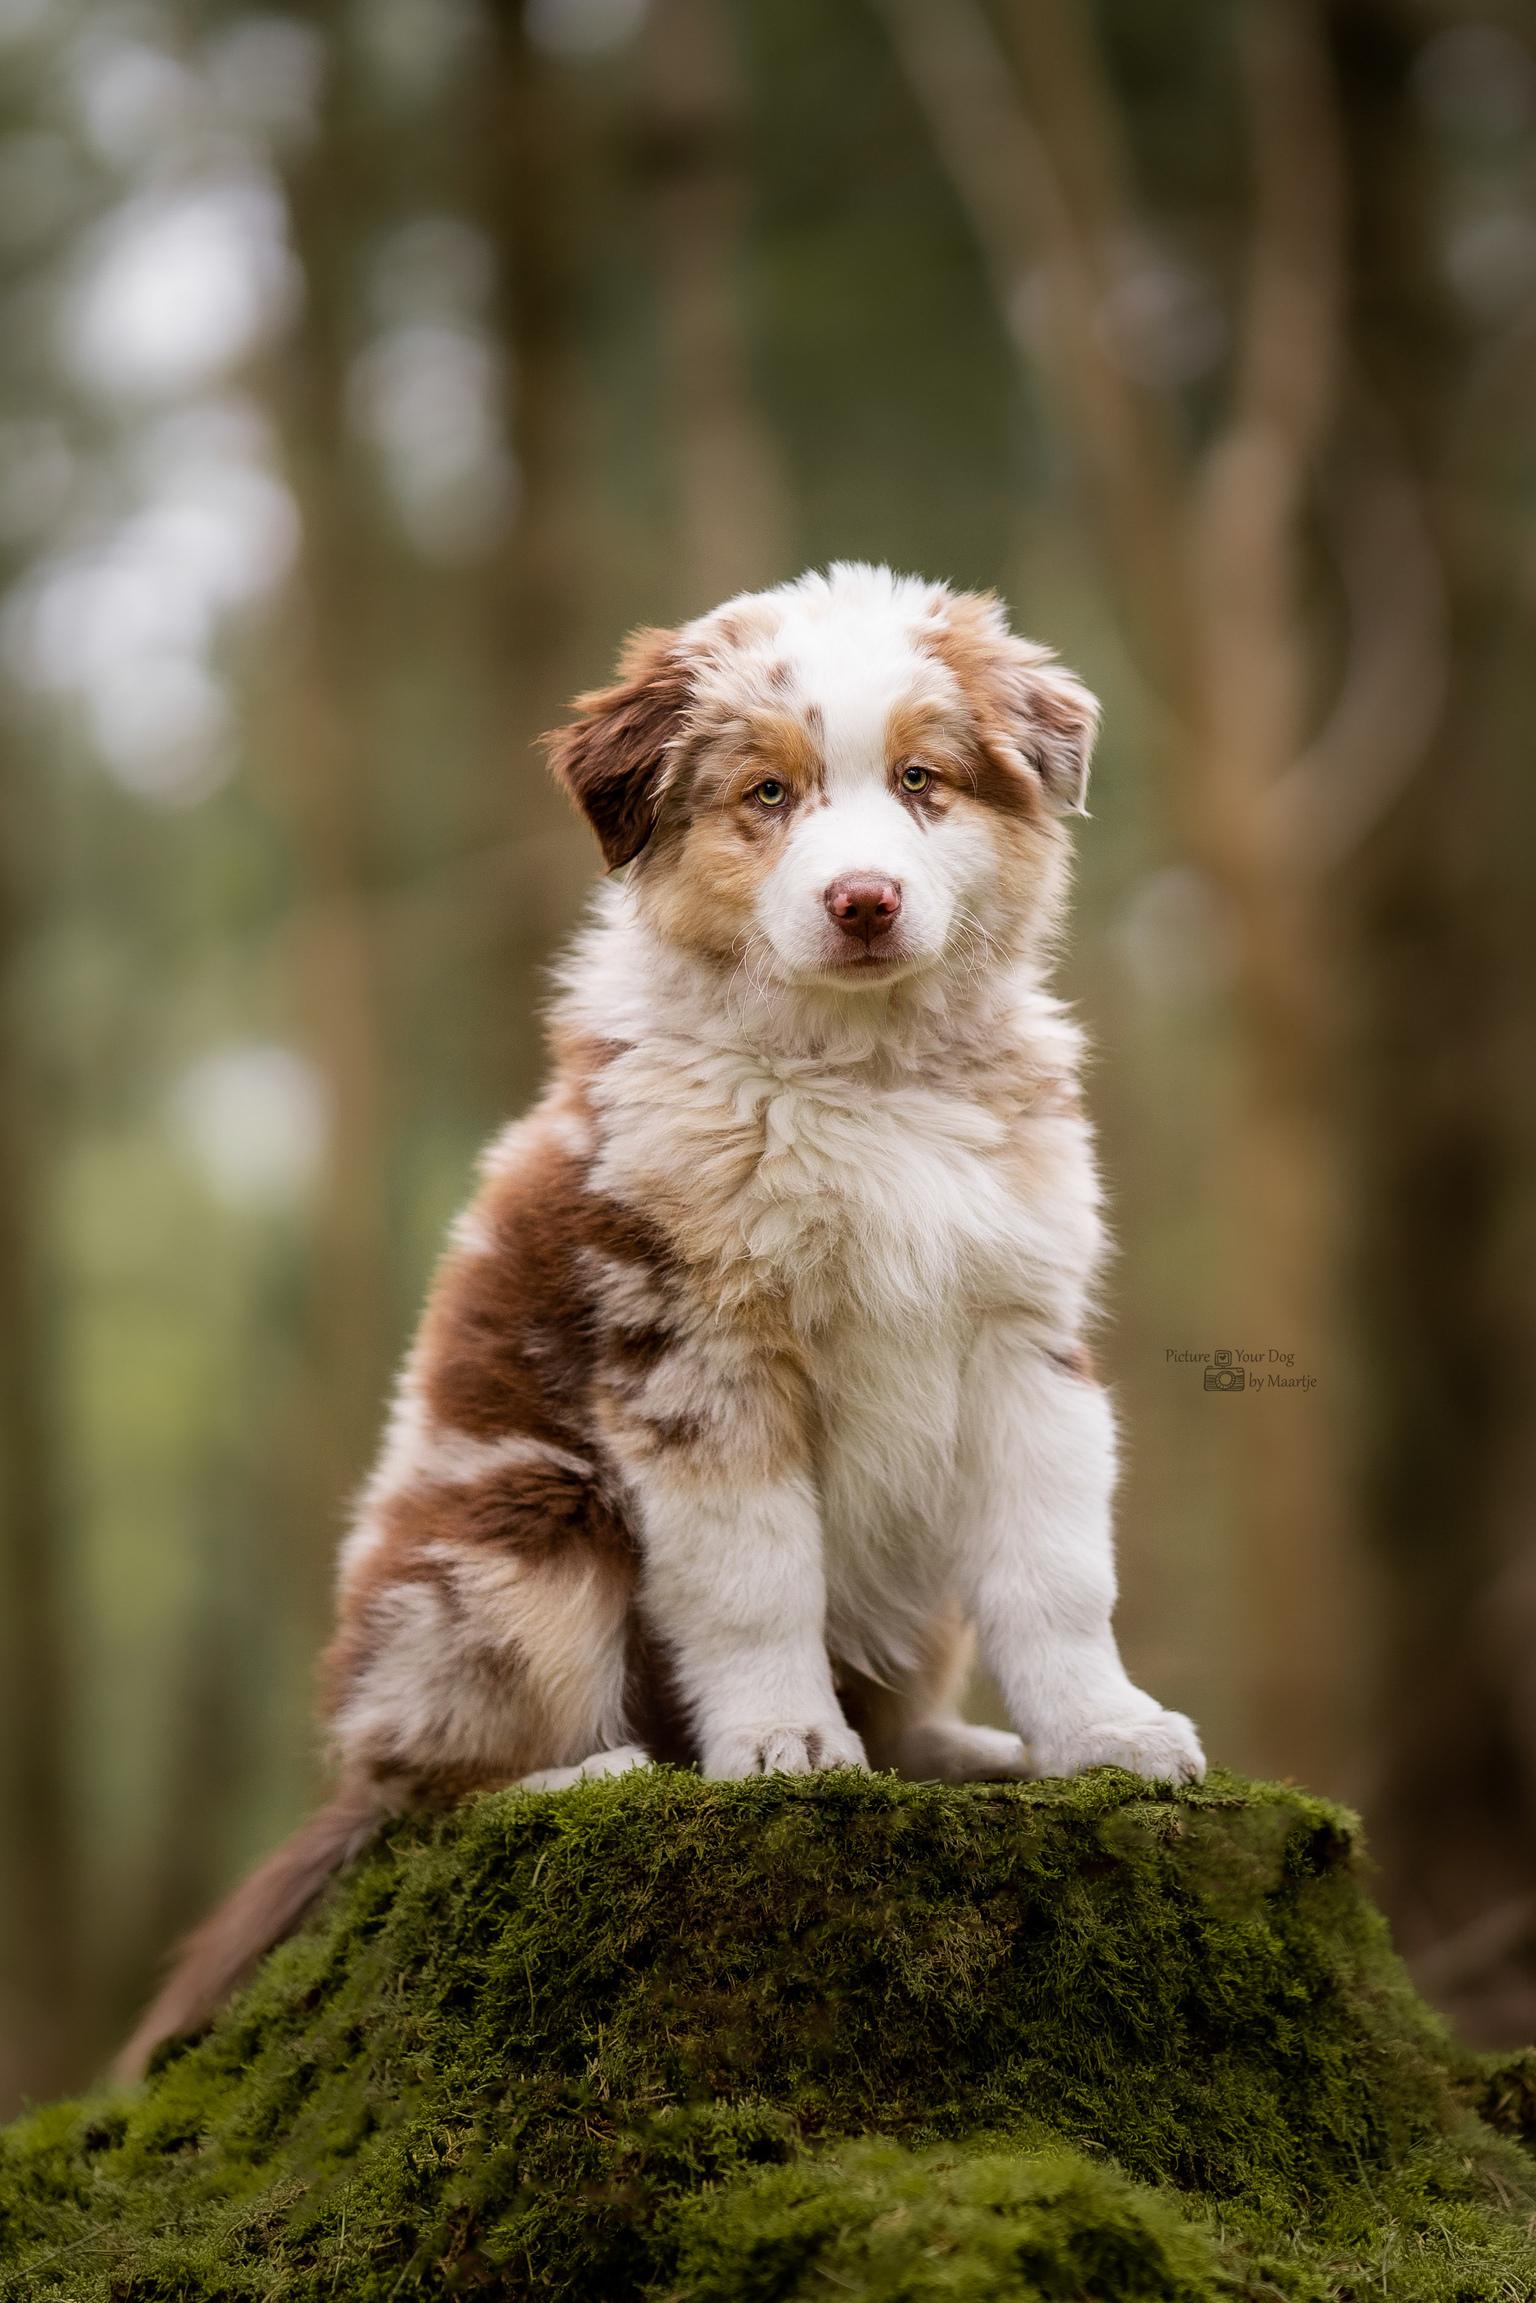 Knappe pup - Een Australische herder pup van 10 weken oud. - foto door PictureYourDog op 03-05-2021 - locatie: Oosterhout, Nederland - deze foto bevat: pup, puppy, honden, hond, hondenfotograaf, hond, fabriek, hondenras, carnivoor, metgezel hond, fawn, gras, snuit, boom, sportieve groep